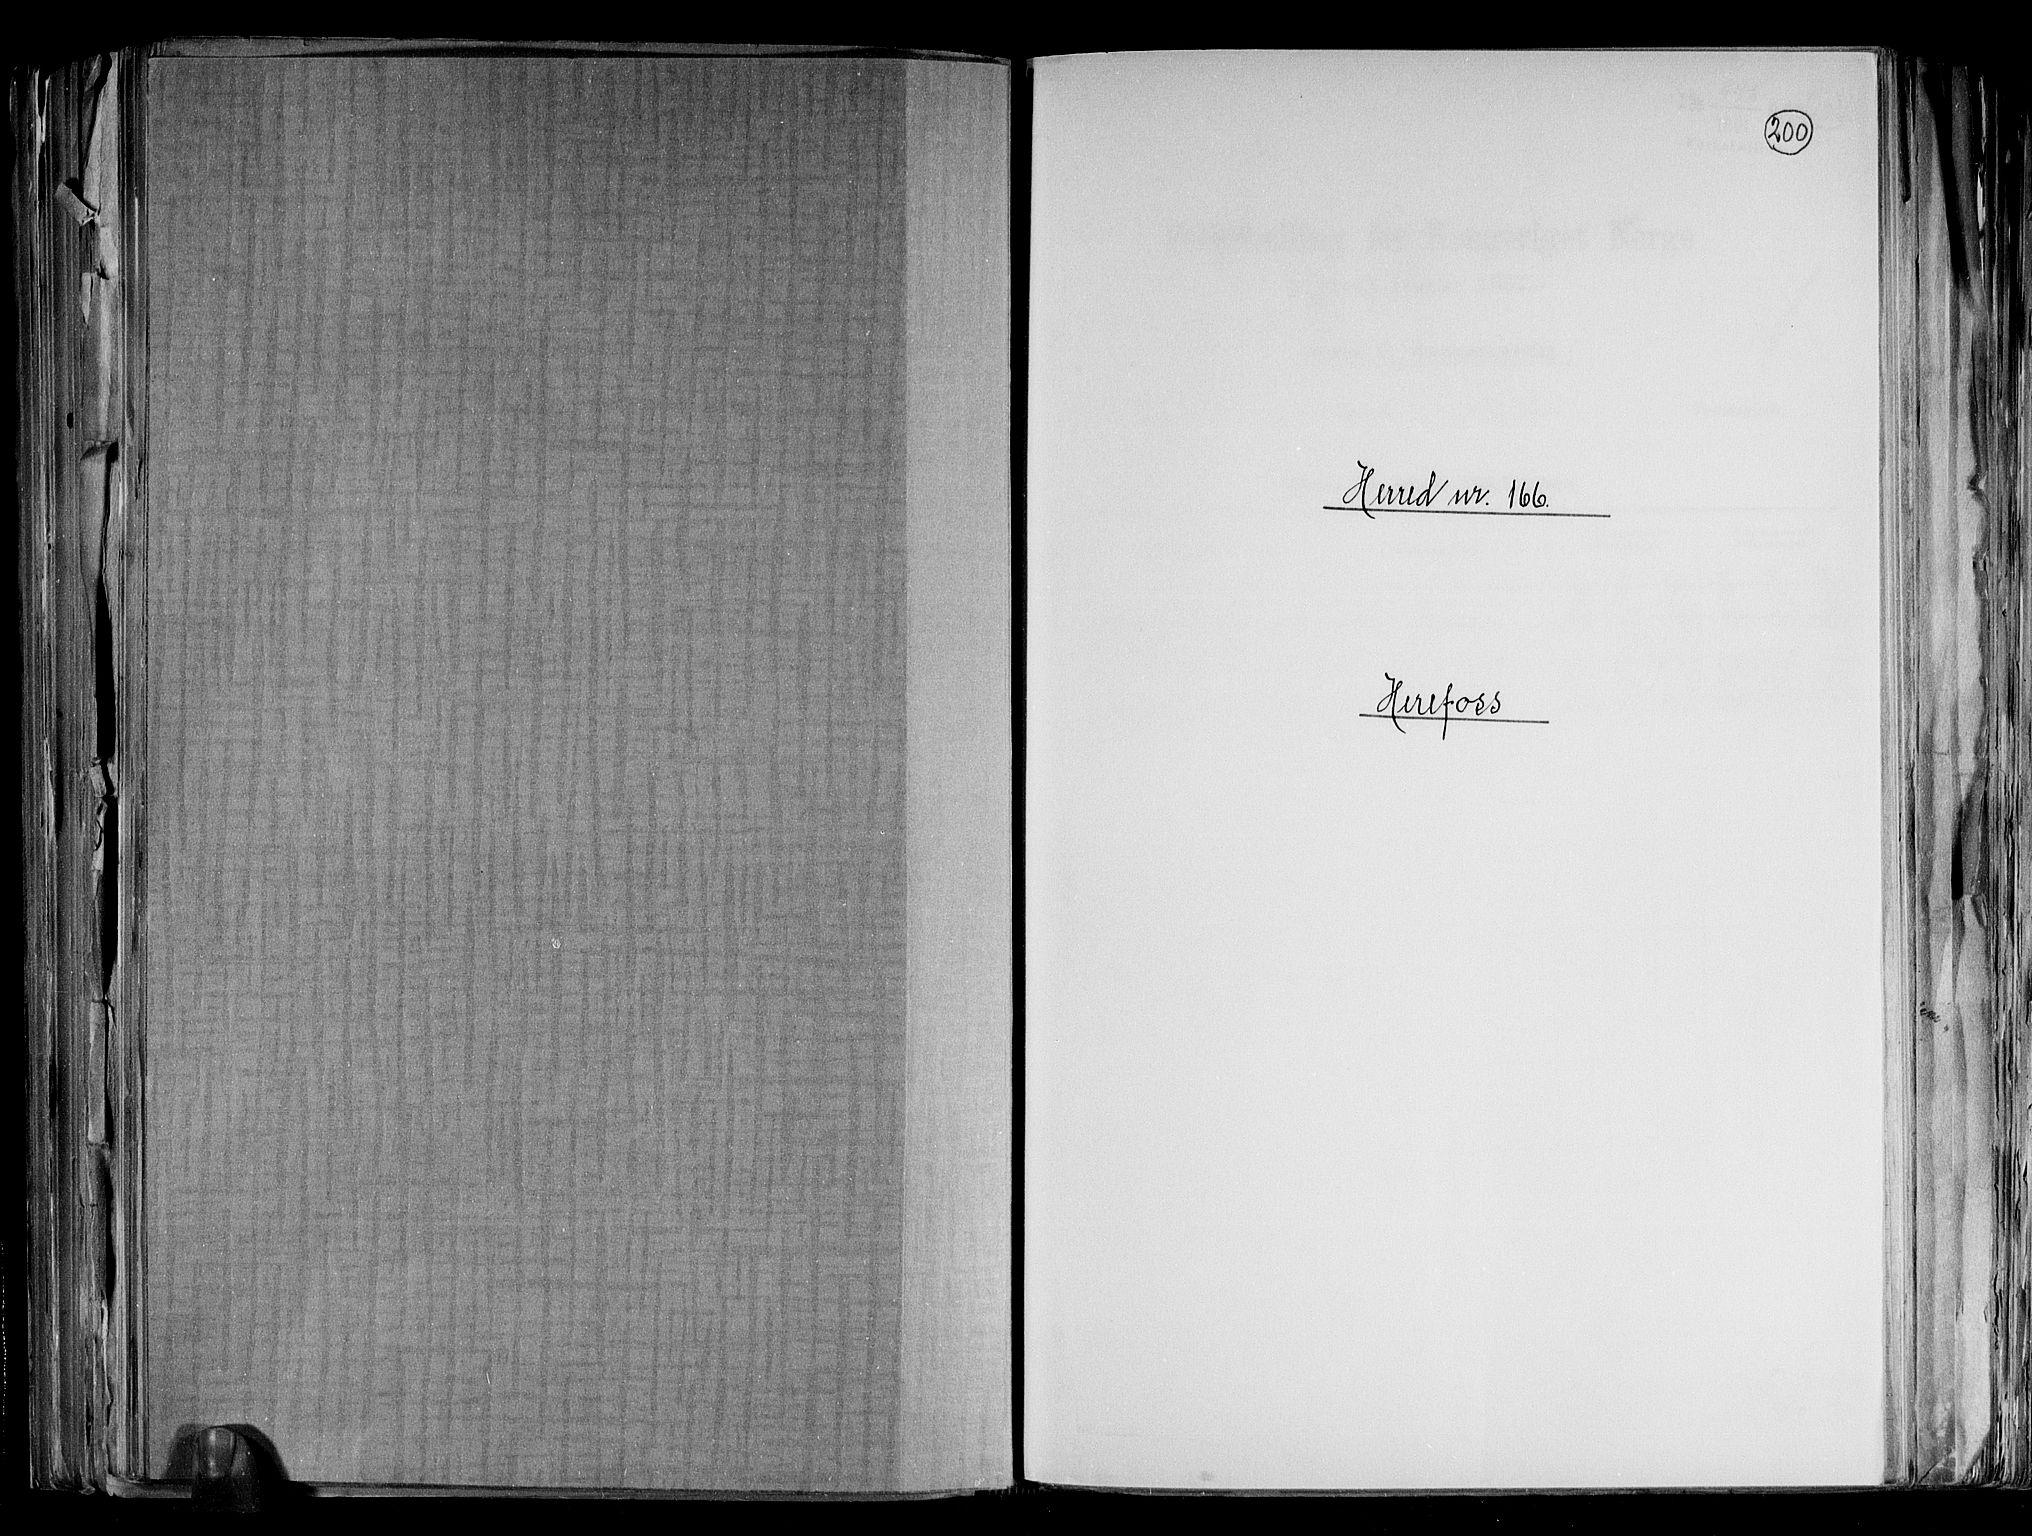 RA, Folketelling 1891 for 0933 Herefoss herred, 1891, s. 1